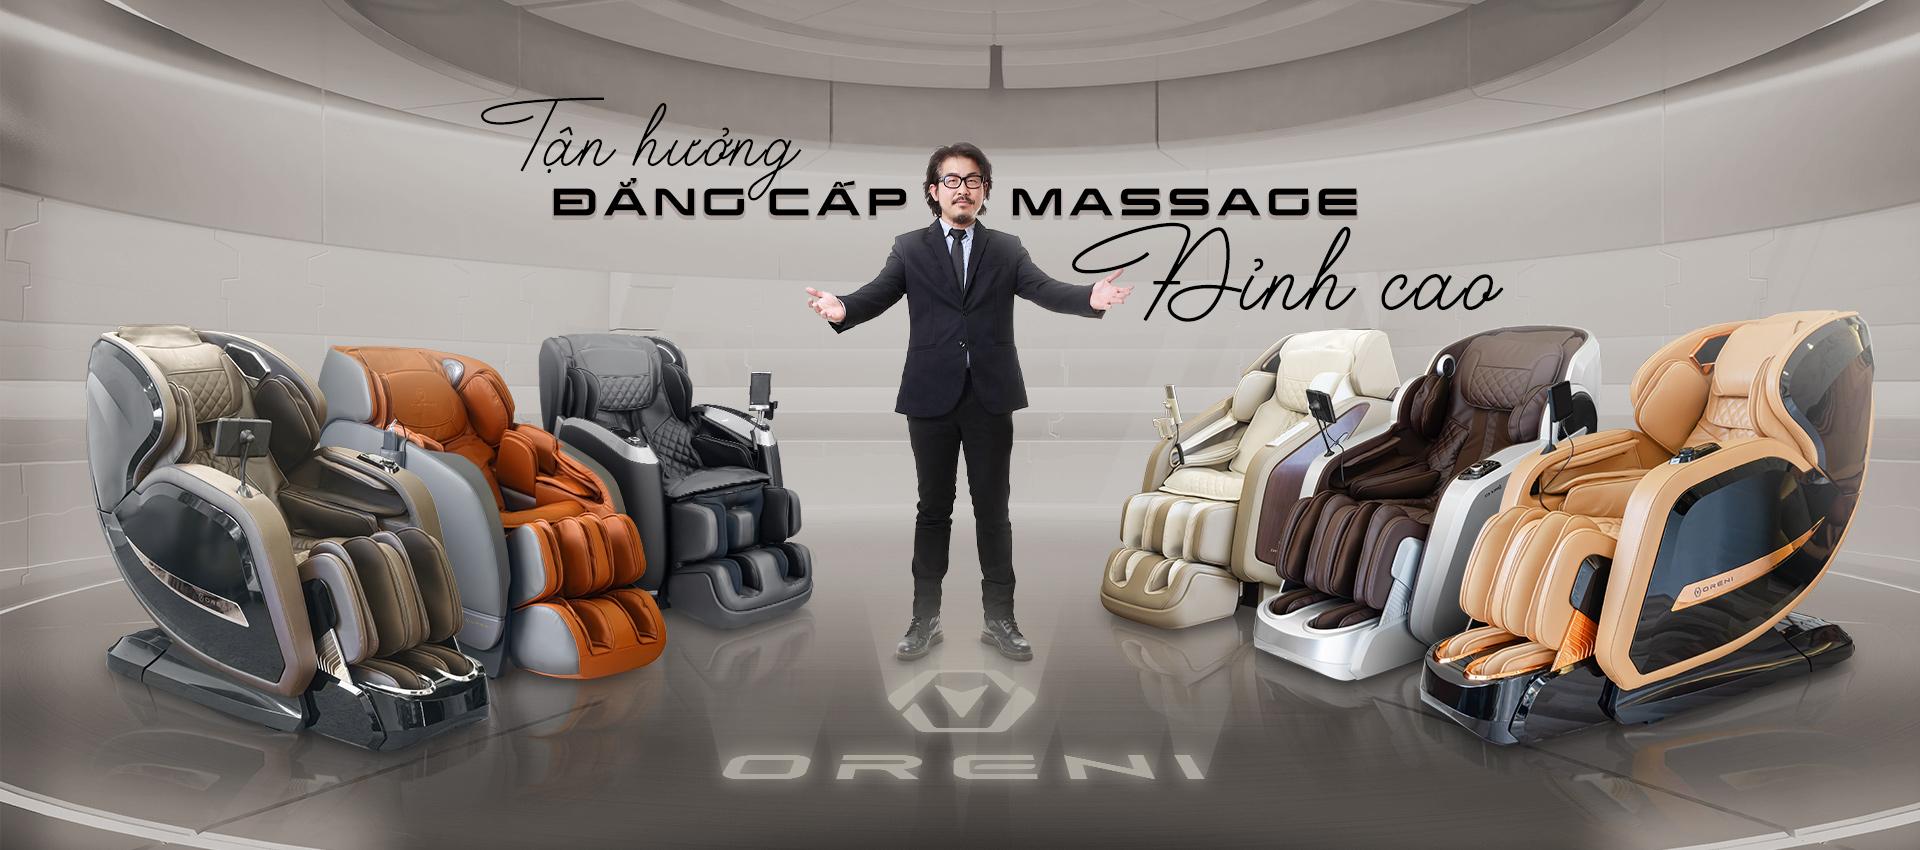 tận hưởng cảm giác massage đỉnh cao cùng oreni